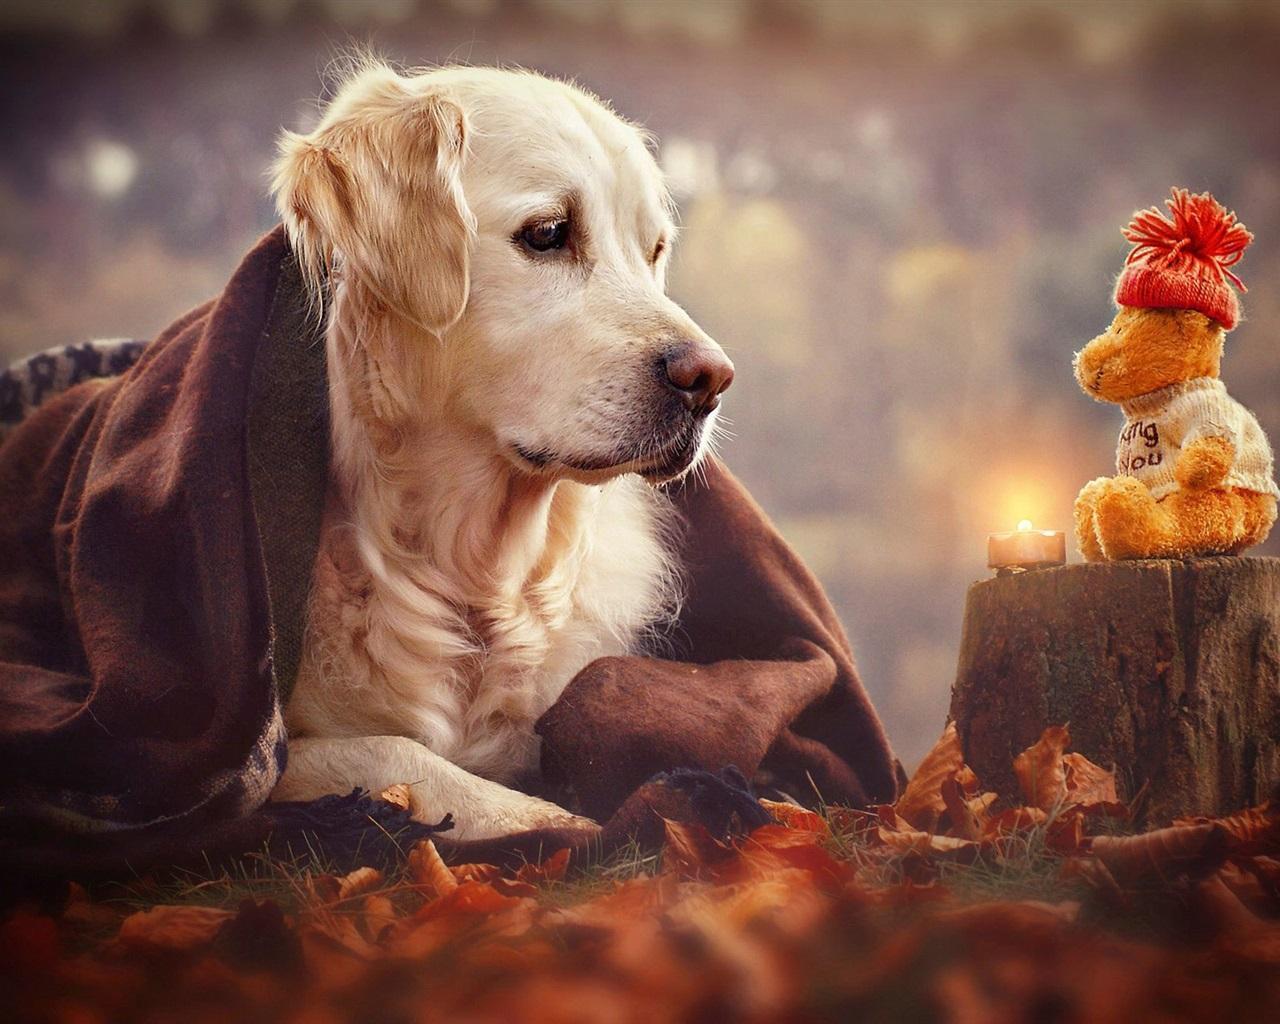 """养狗前和养狗后到底有啥变化?生活""""万劫不复"""",实在是太扎心了"""